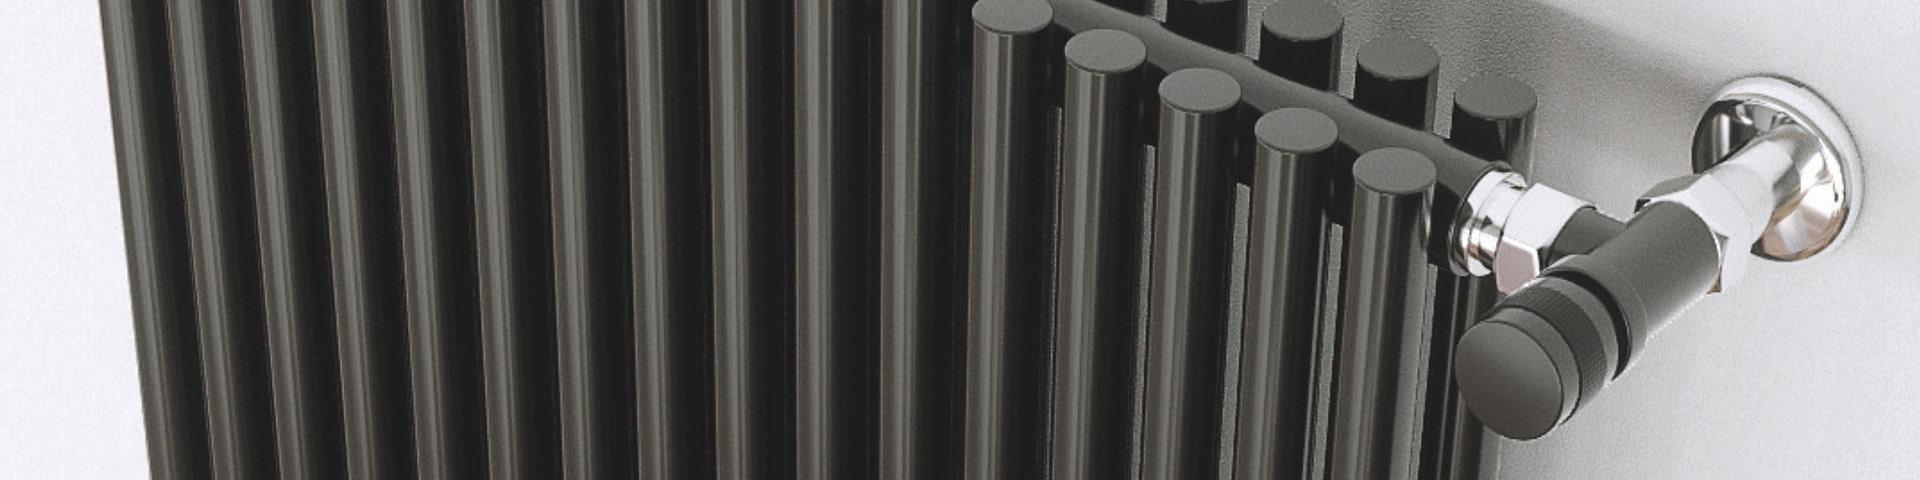 Termosifoni, radiatori e caloriferi Scirocco H